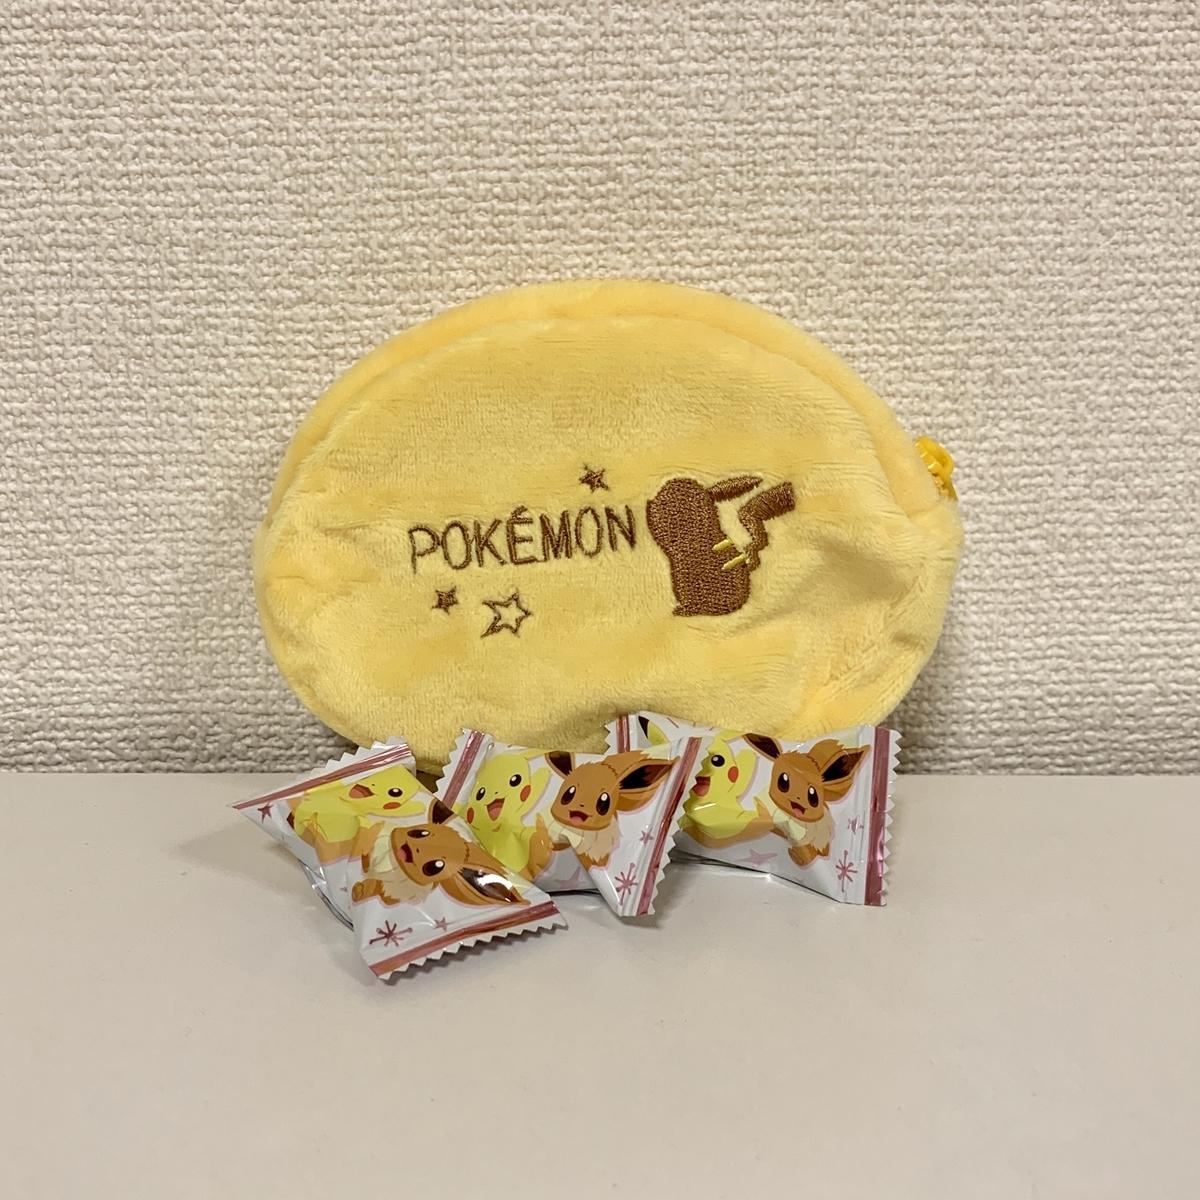 f:id:pikachu_pcn:20200211183113j:plain